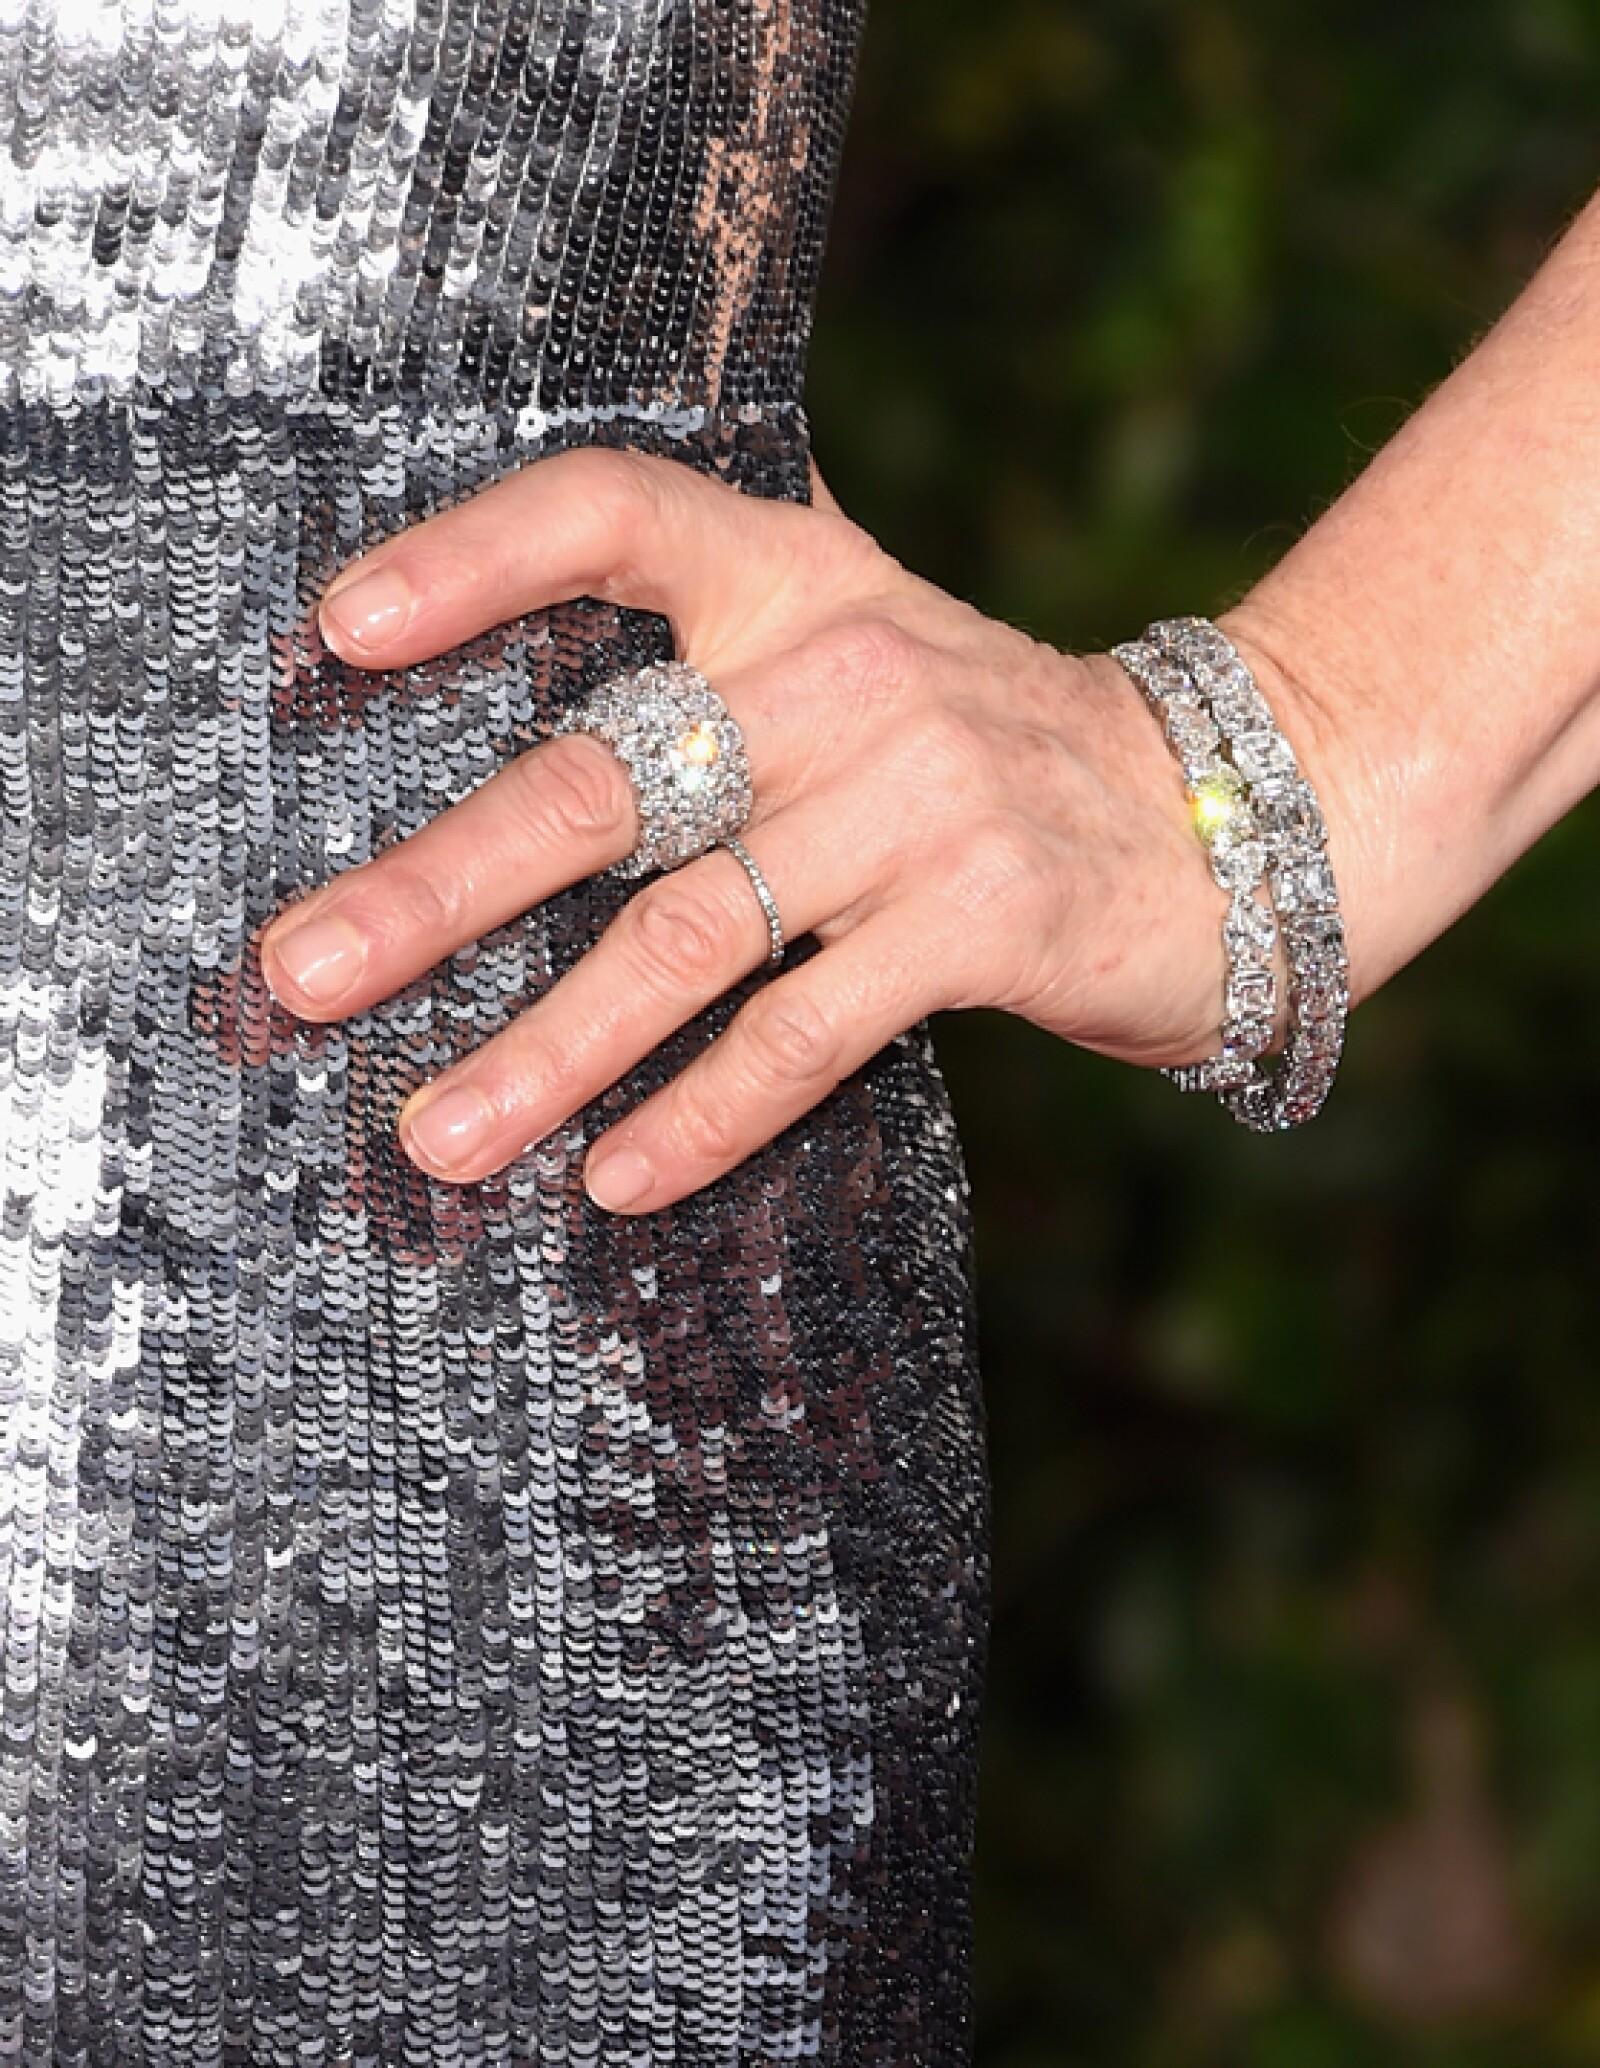 La actriz también optó por un anillo ovalado de diamante de 18 kilates de oro blanco y un anillo con corte tipo asscher de platino, de la colección High Jewelry de Chopard.